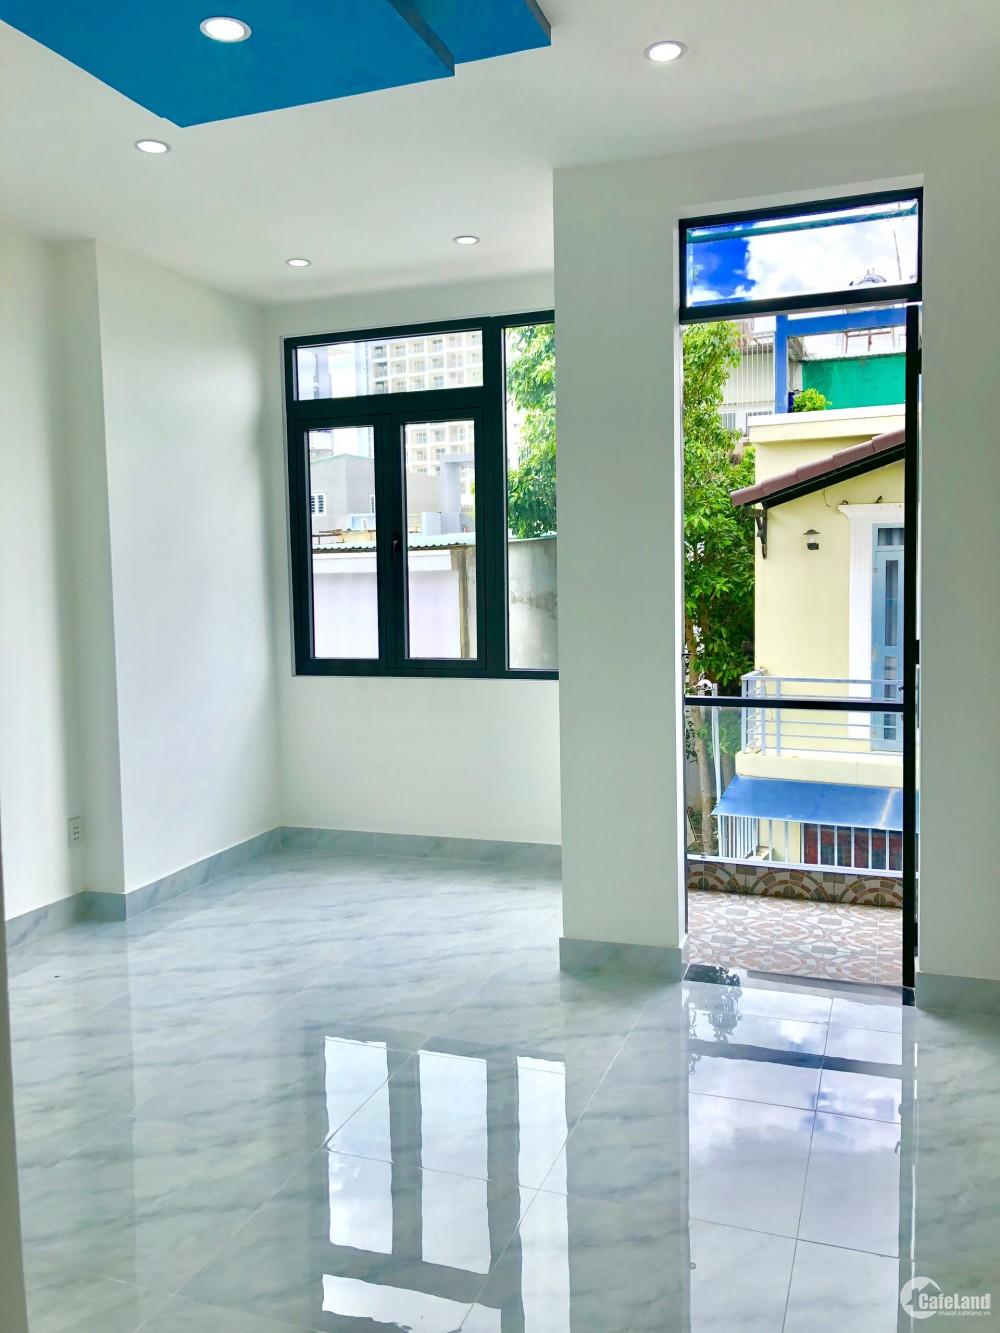 Chính chủ cần tiền gấp bán nhà 1t3l, 140m2, giá chỉ 3,8 tỷ, đường Võ Văn hát, Lo